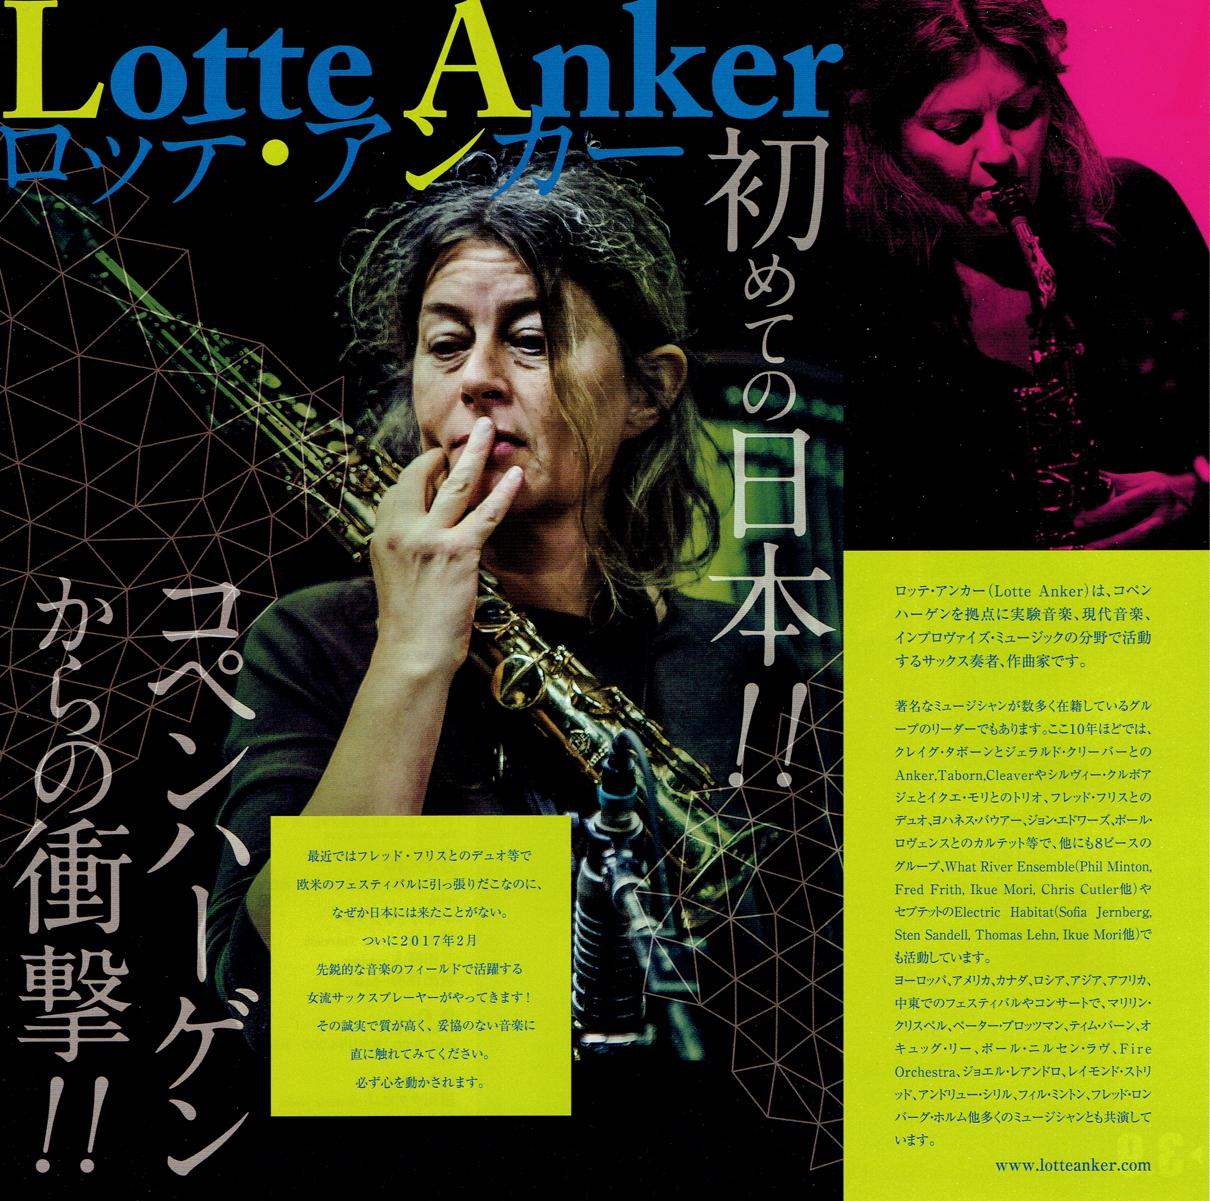 Lotte Ankerを迎えて2days